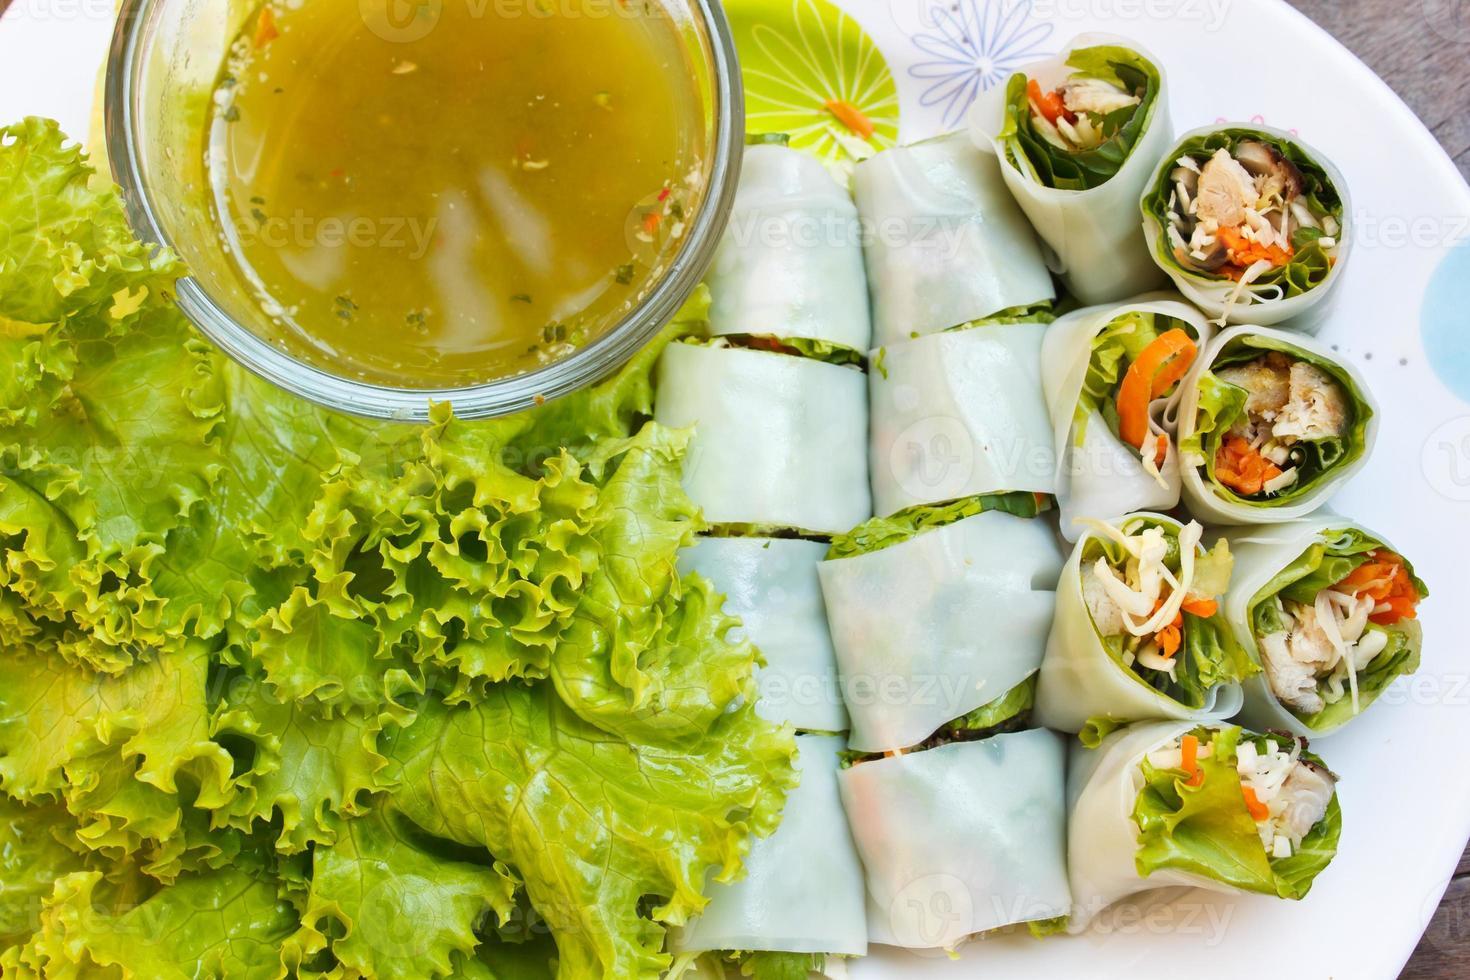 inslagna stekt makrill med nudlar, thailändsk mat. foto